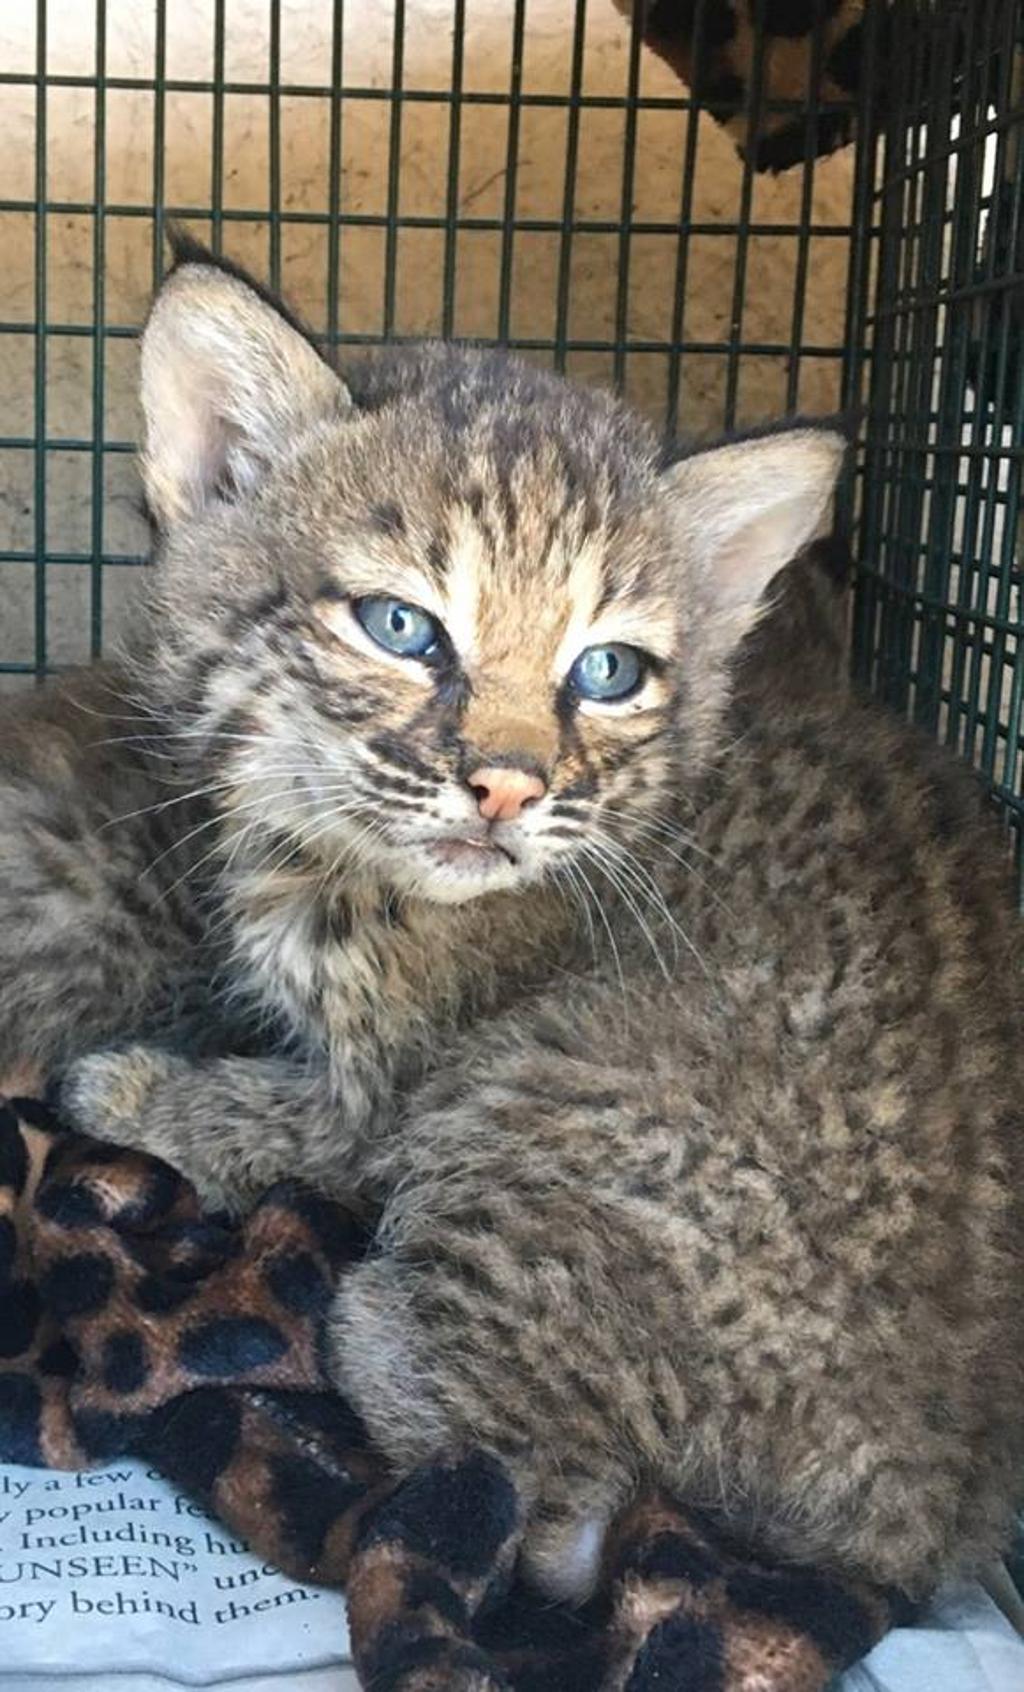 Famiglia pensa di salvare una bellissima cucciolata di gatti. E invece erano linci